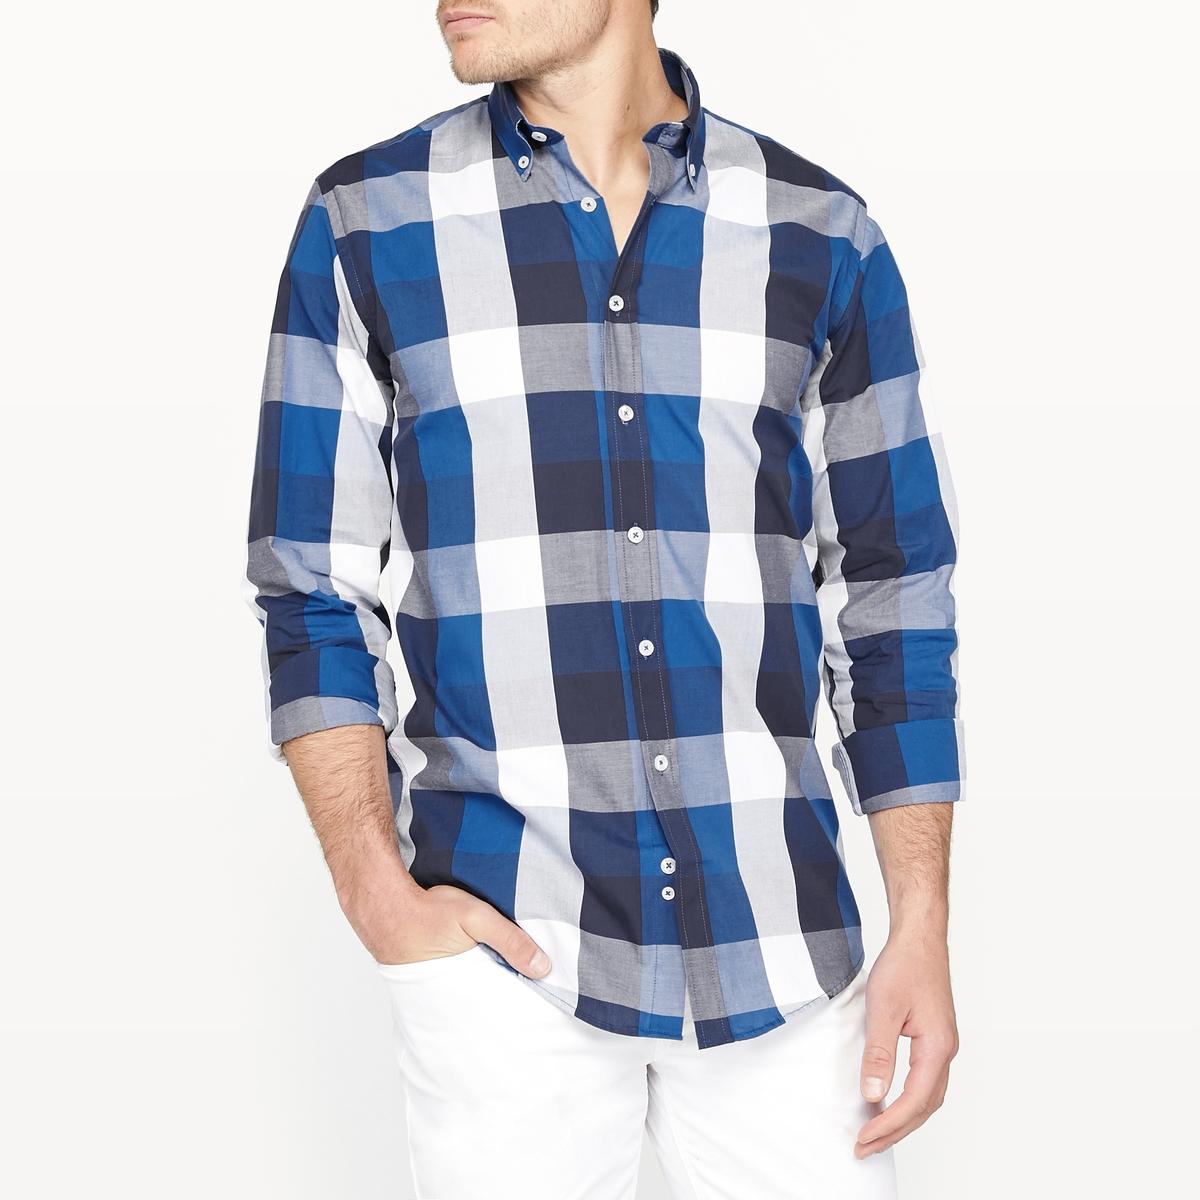 Рубашка прямого покроя в клетку 100% хлопок